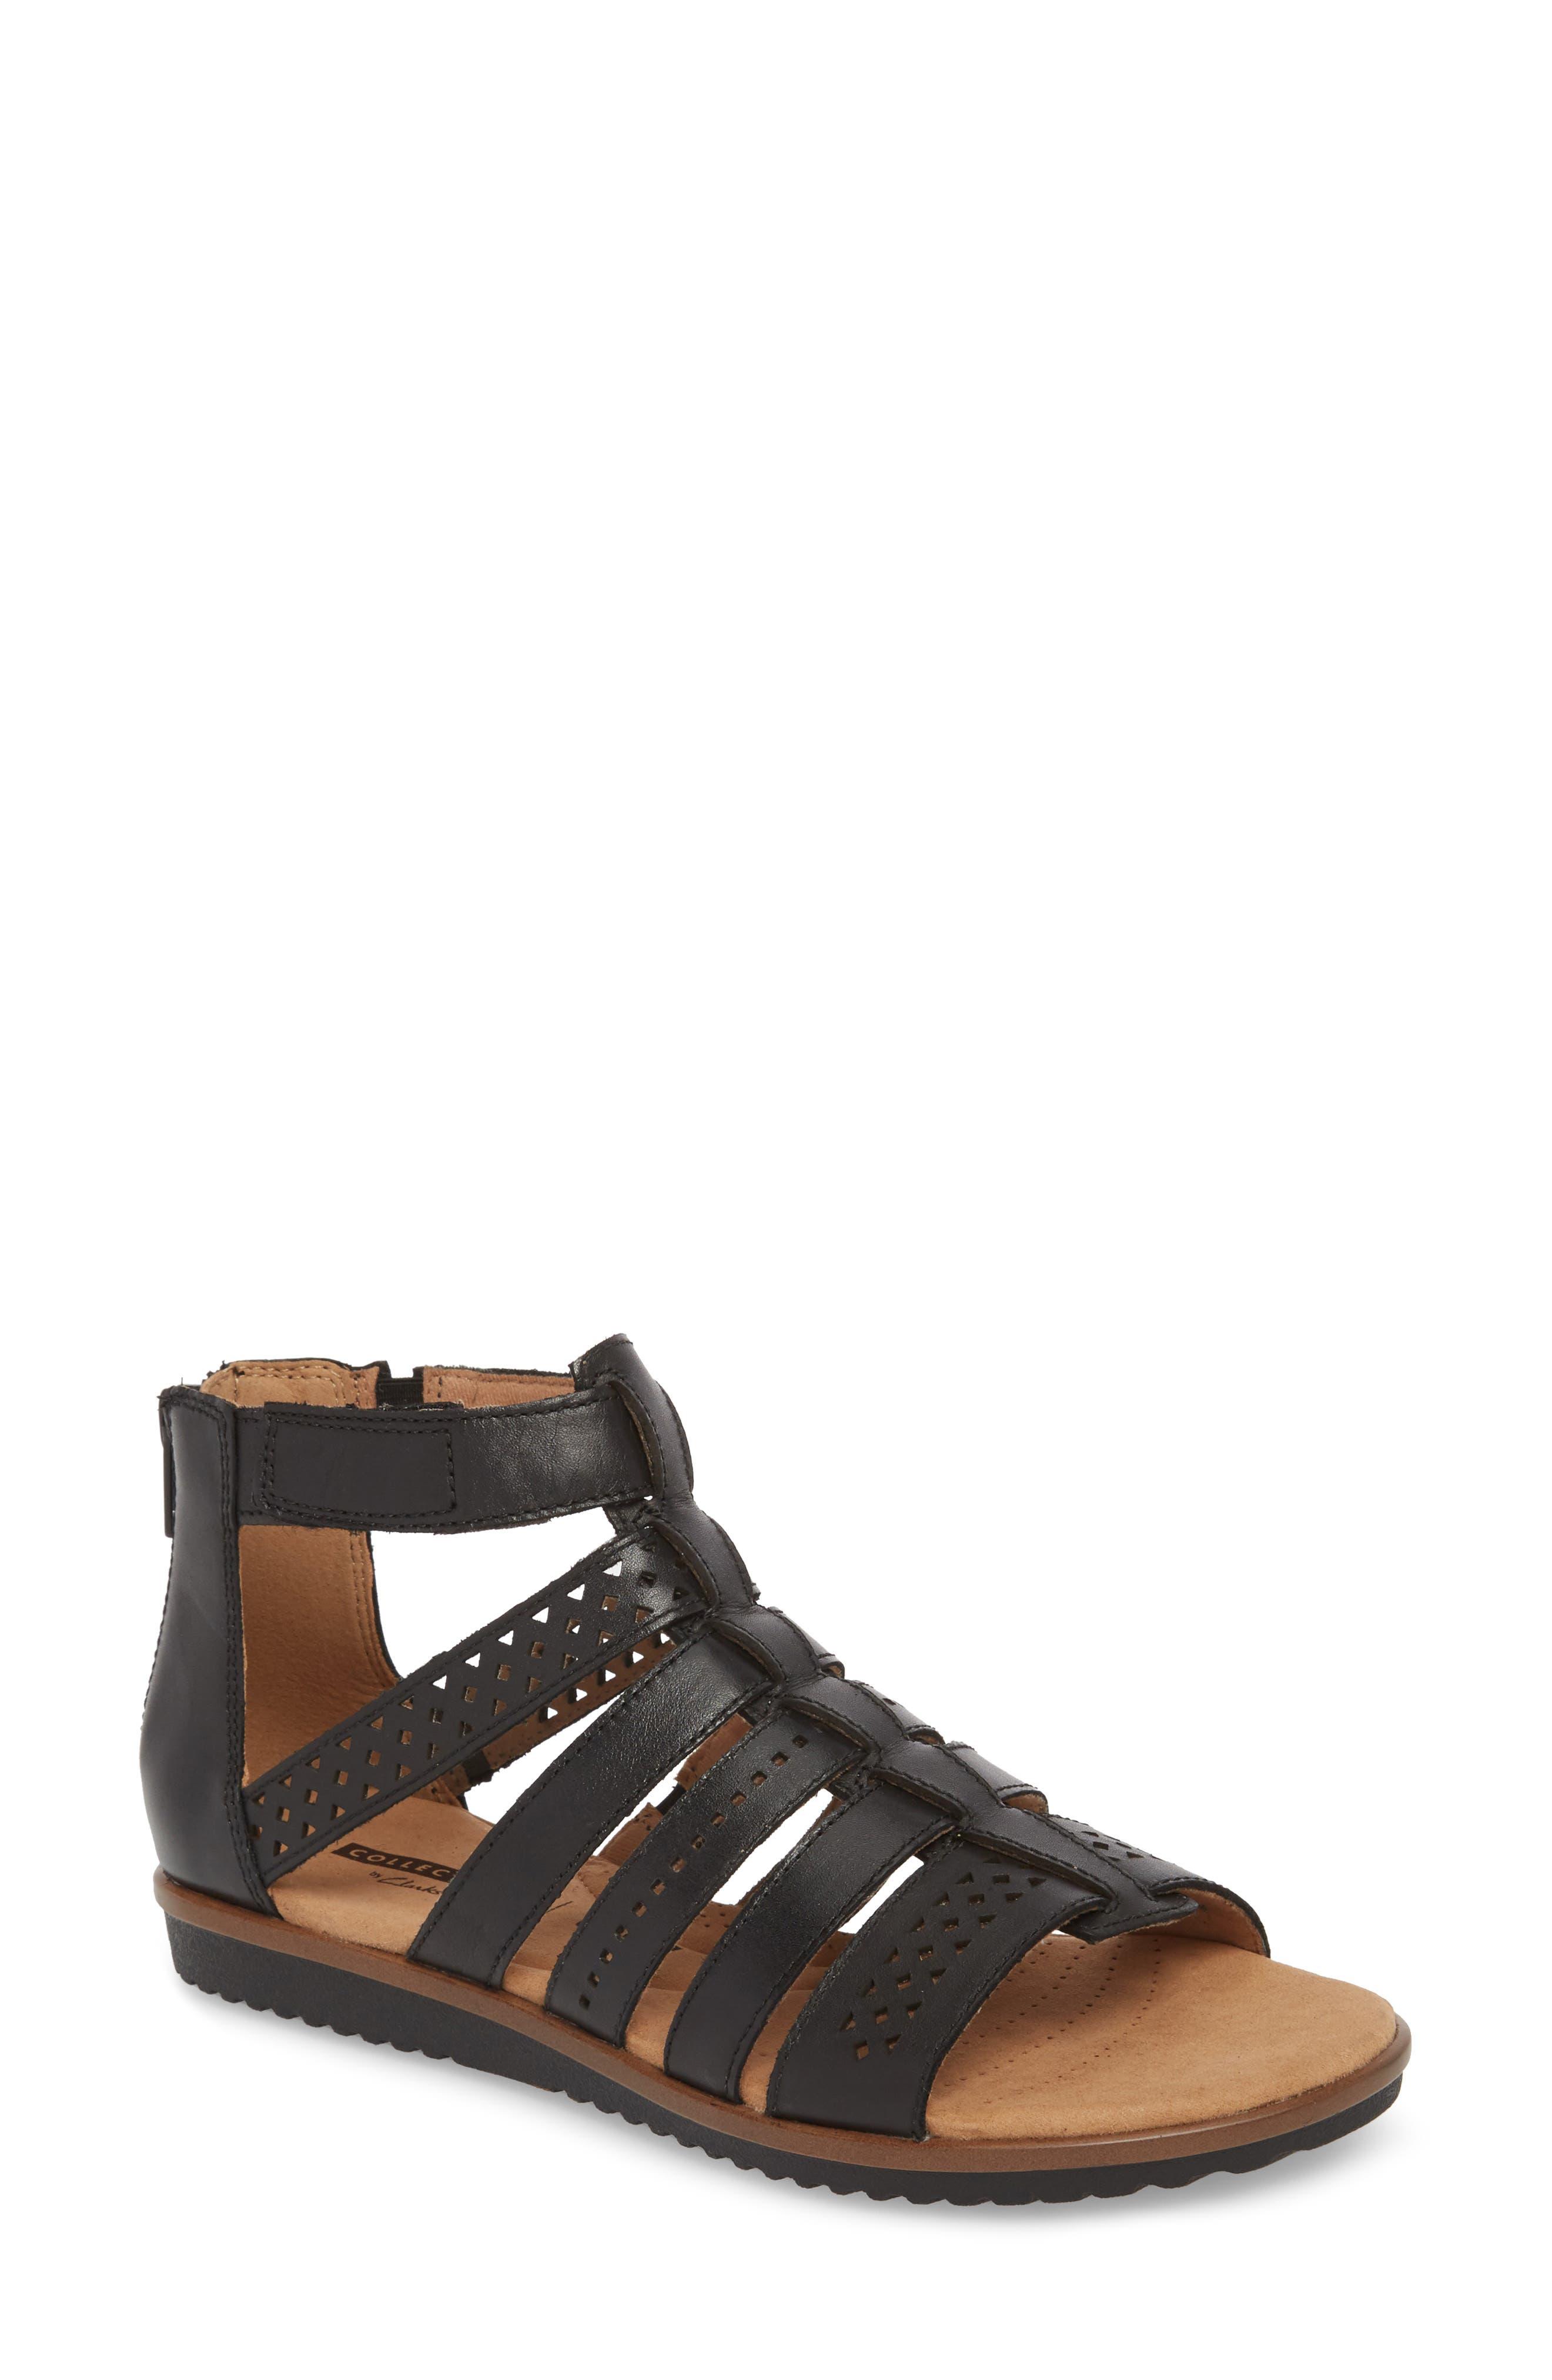 Main Image - Clarks® Kele Lotus Sandal (Women)